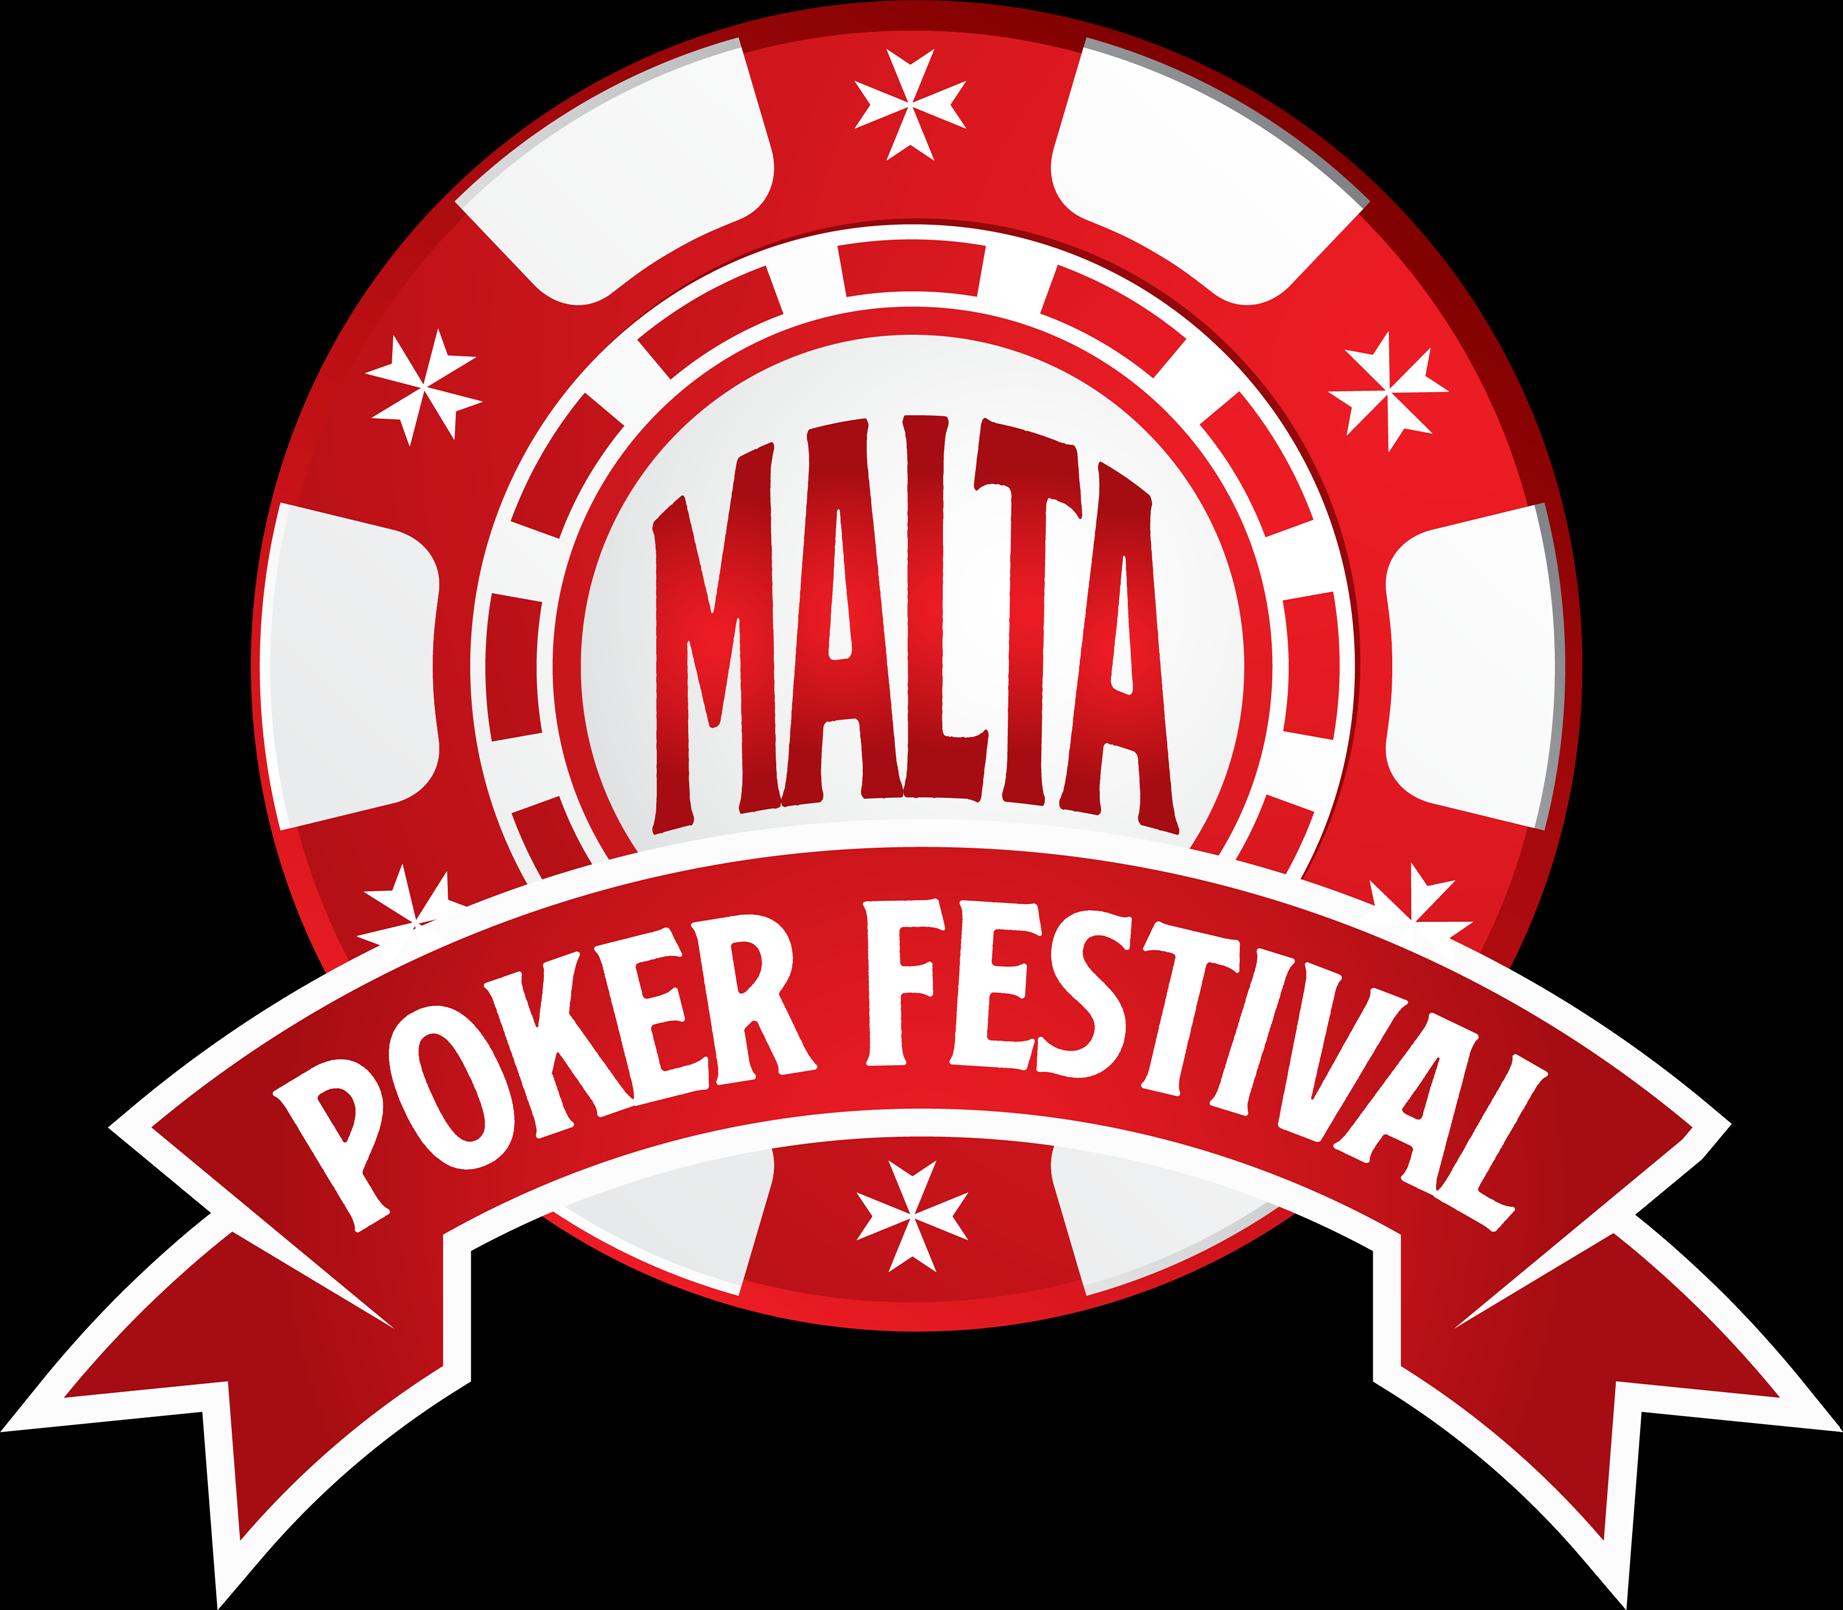 Malta Poker Festival 2018 flyer